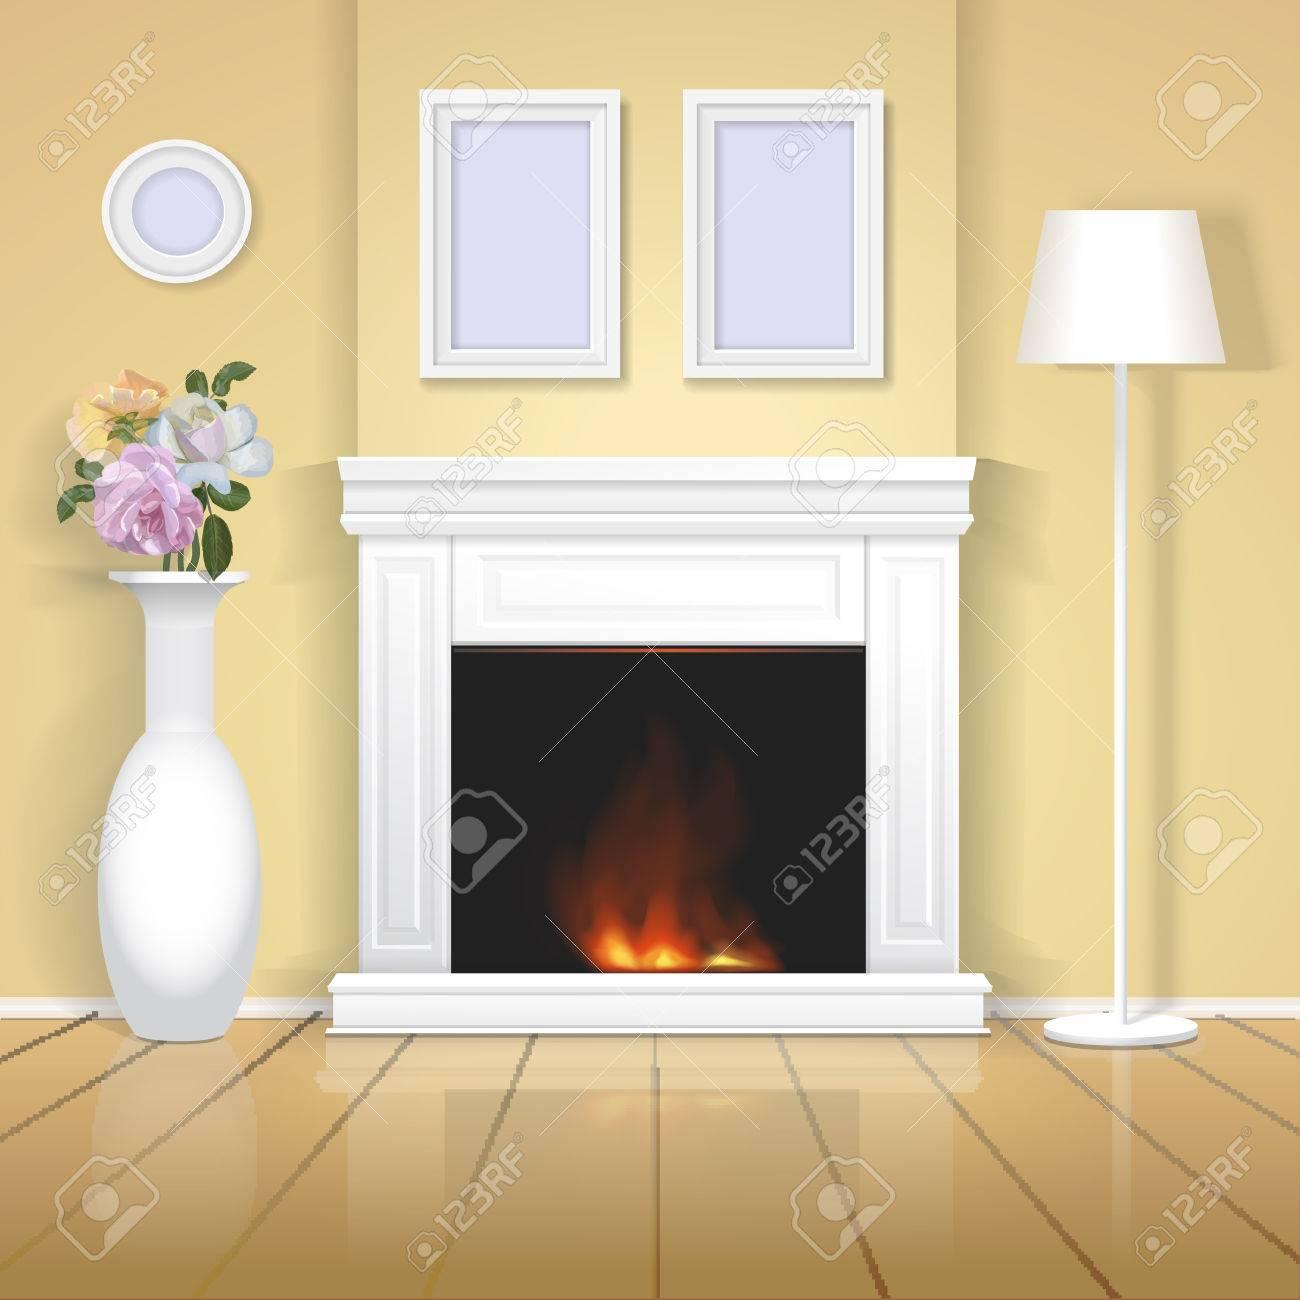 Banque Du0027images   Intérieur Classique Avec Cheminée Illustration. Home  Design Réaliste Vecteur De Chambre Classique Avec Vase